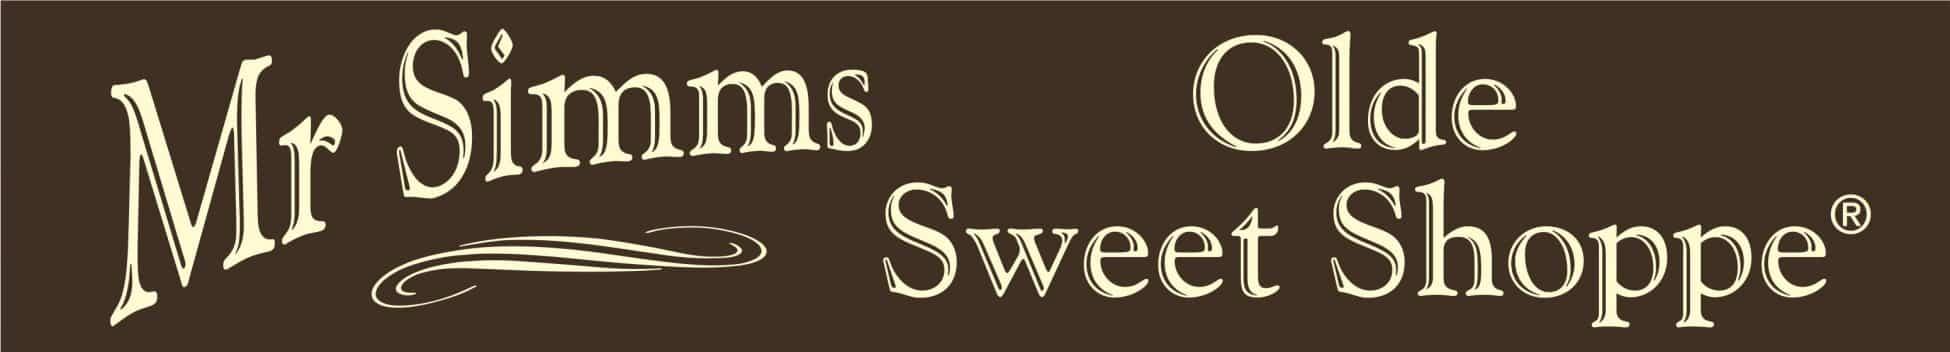 MR Simms Registered logo